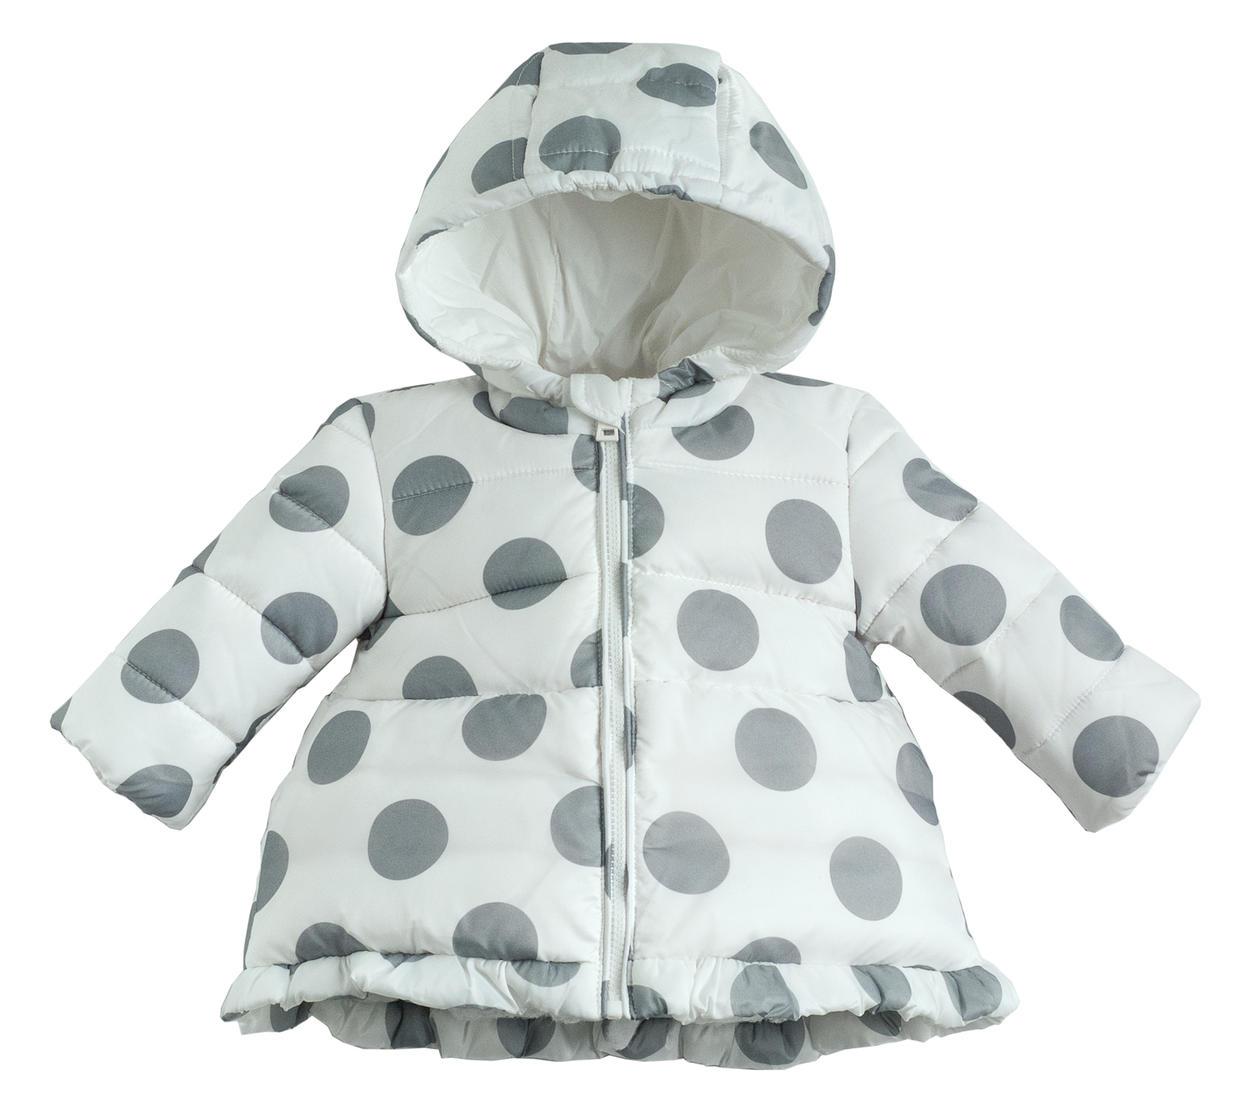 online store cb977 f569a Piumino invernale stampato a pois per neonata da 0 a 24 mesi Minibanda